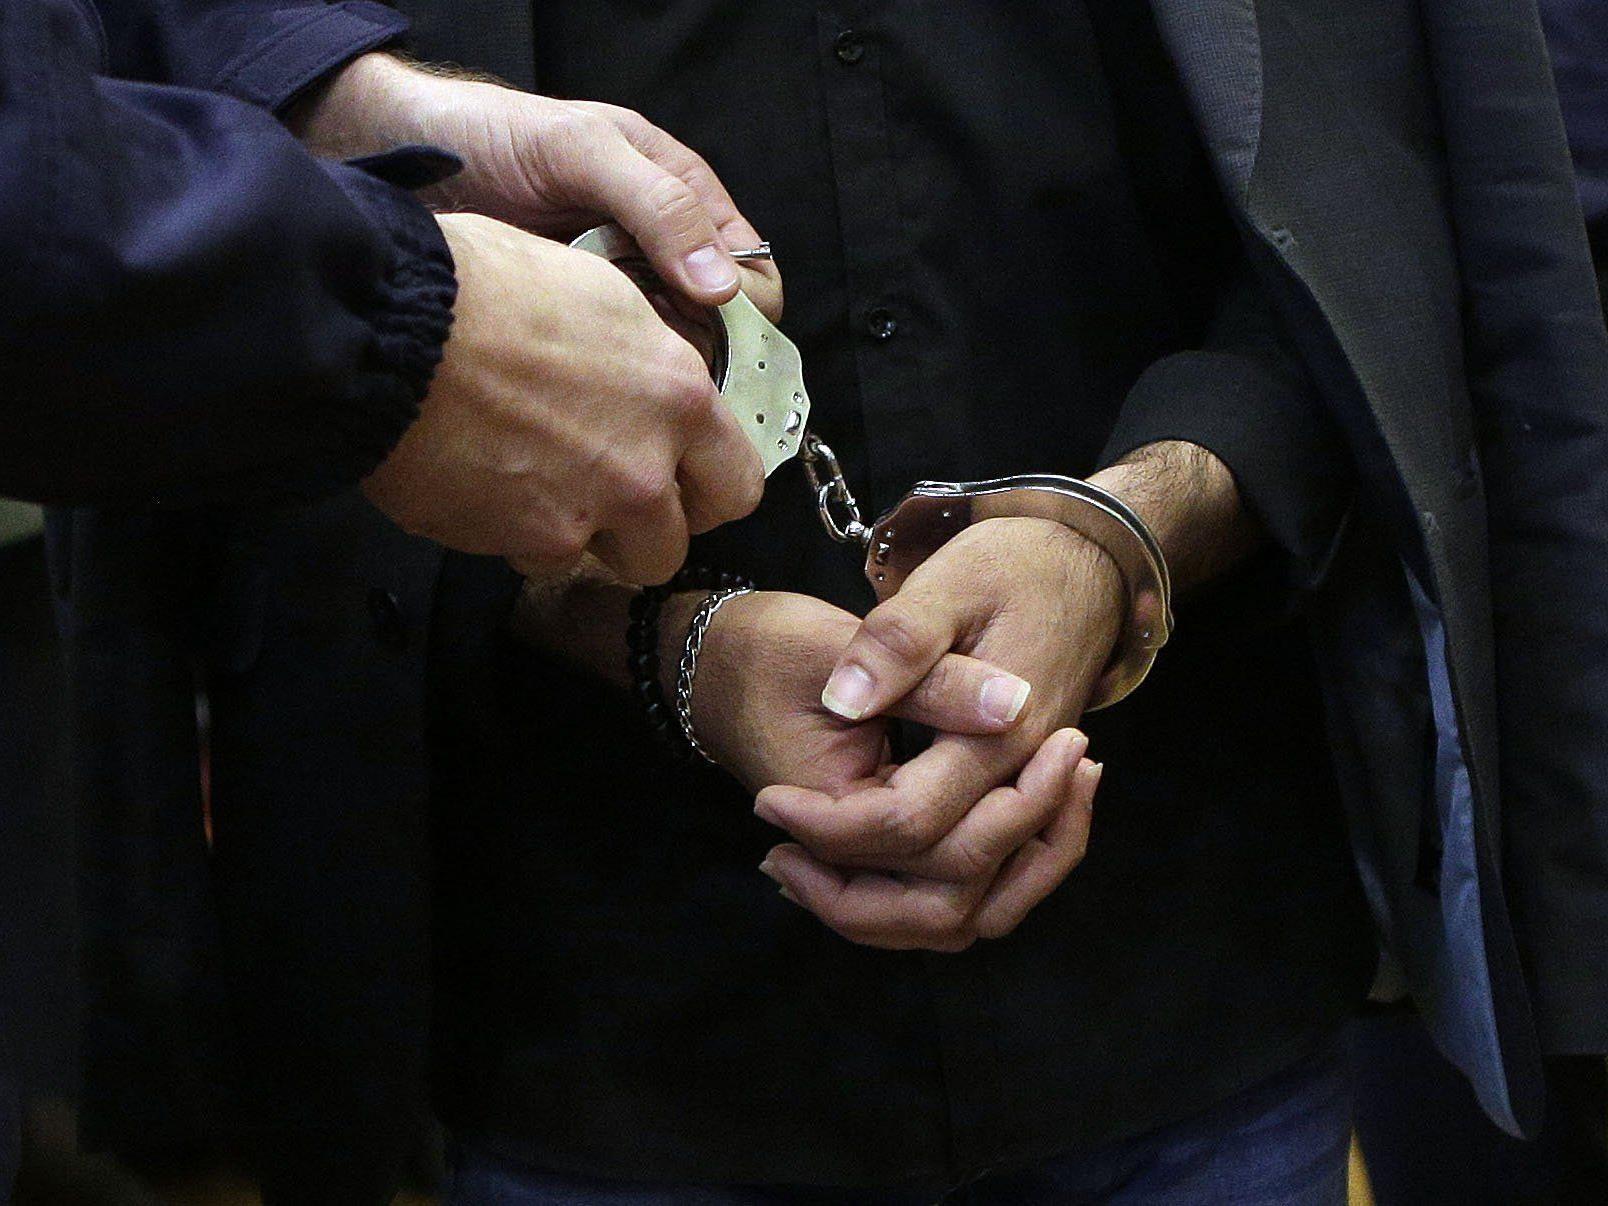 Ganz ohne erotischen Hintergrund klickten für den Erotikshop-Einbrecher die Handschellen.